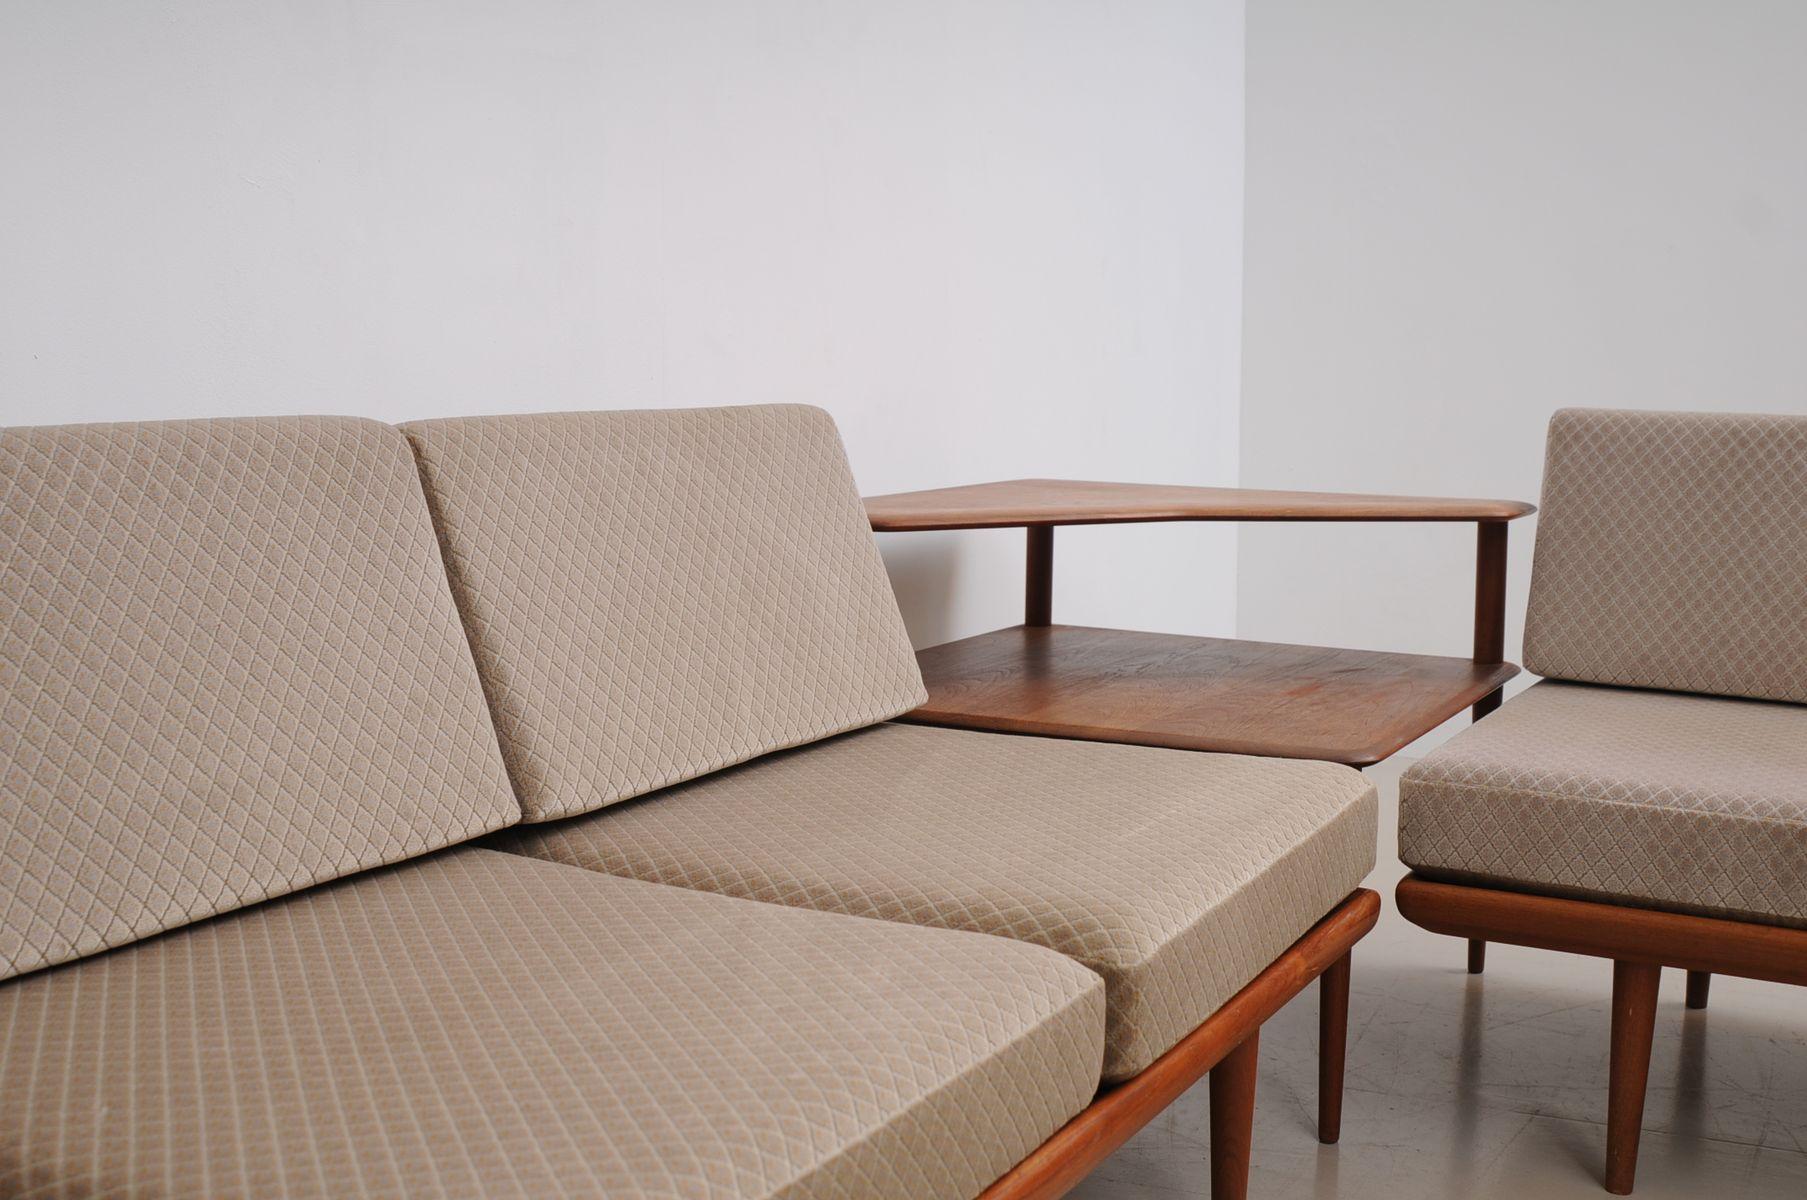 Minerva Sofa Set by Peter Hvidt & Orla M¸lgaard Nilssen for France